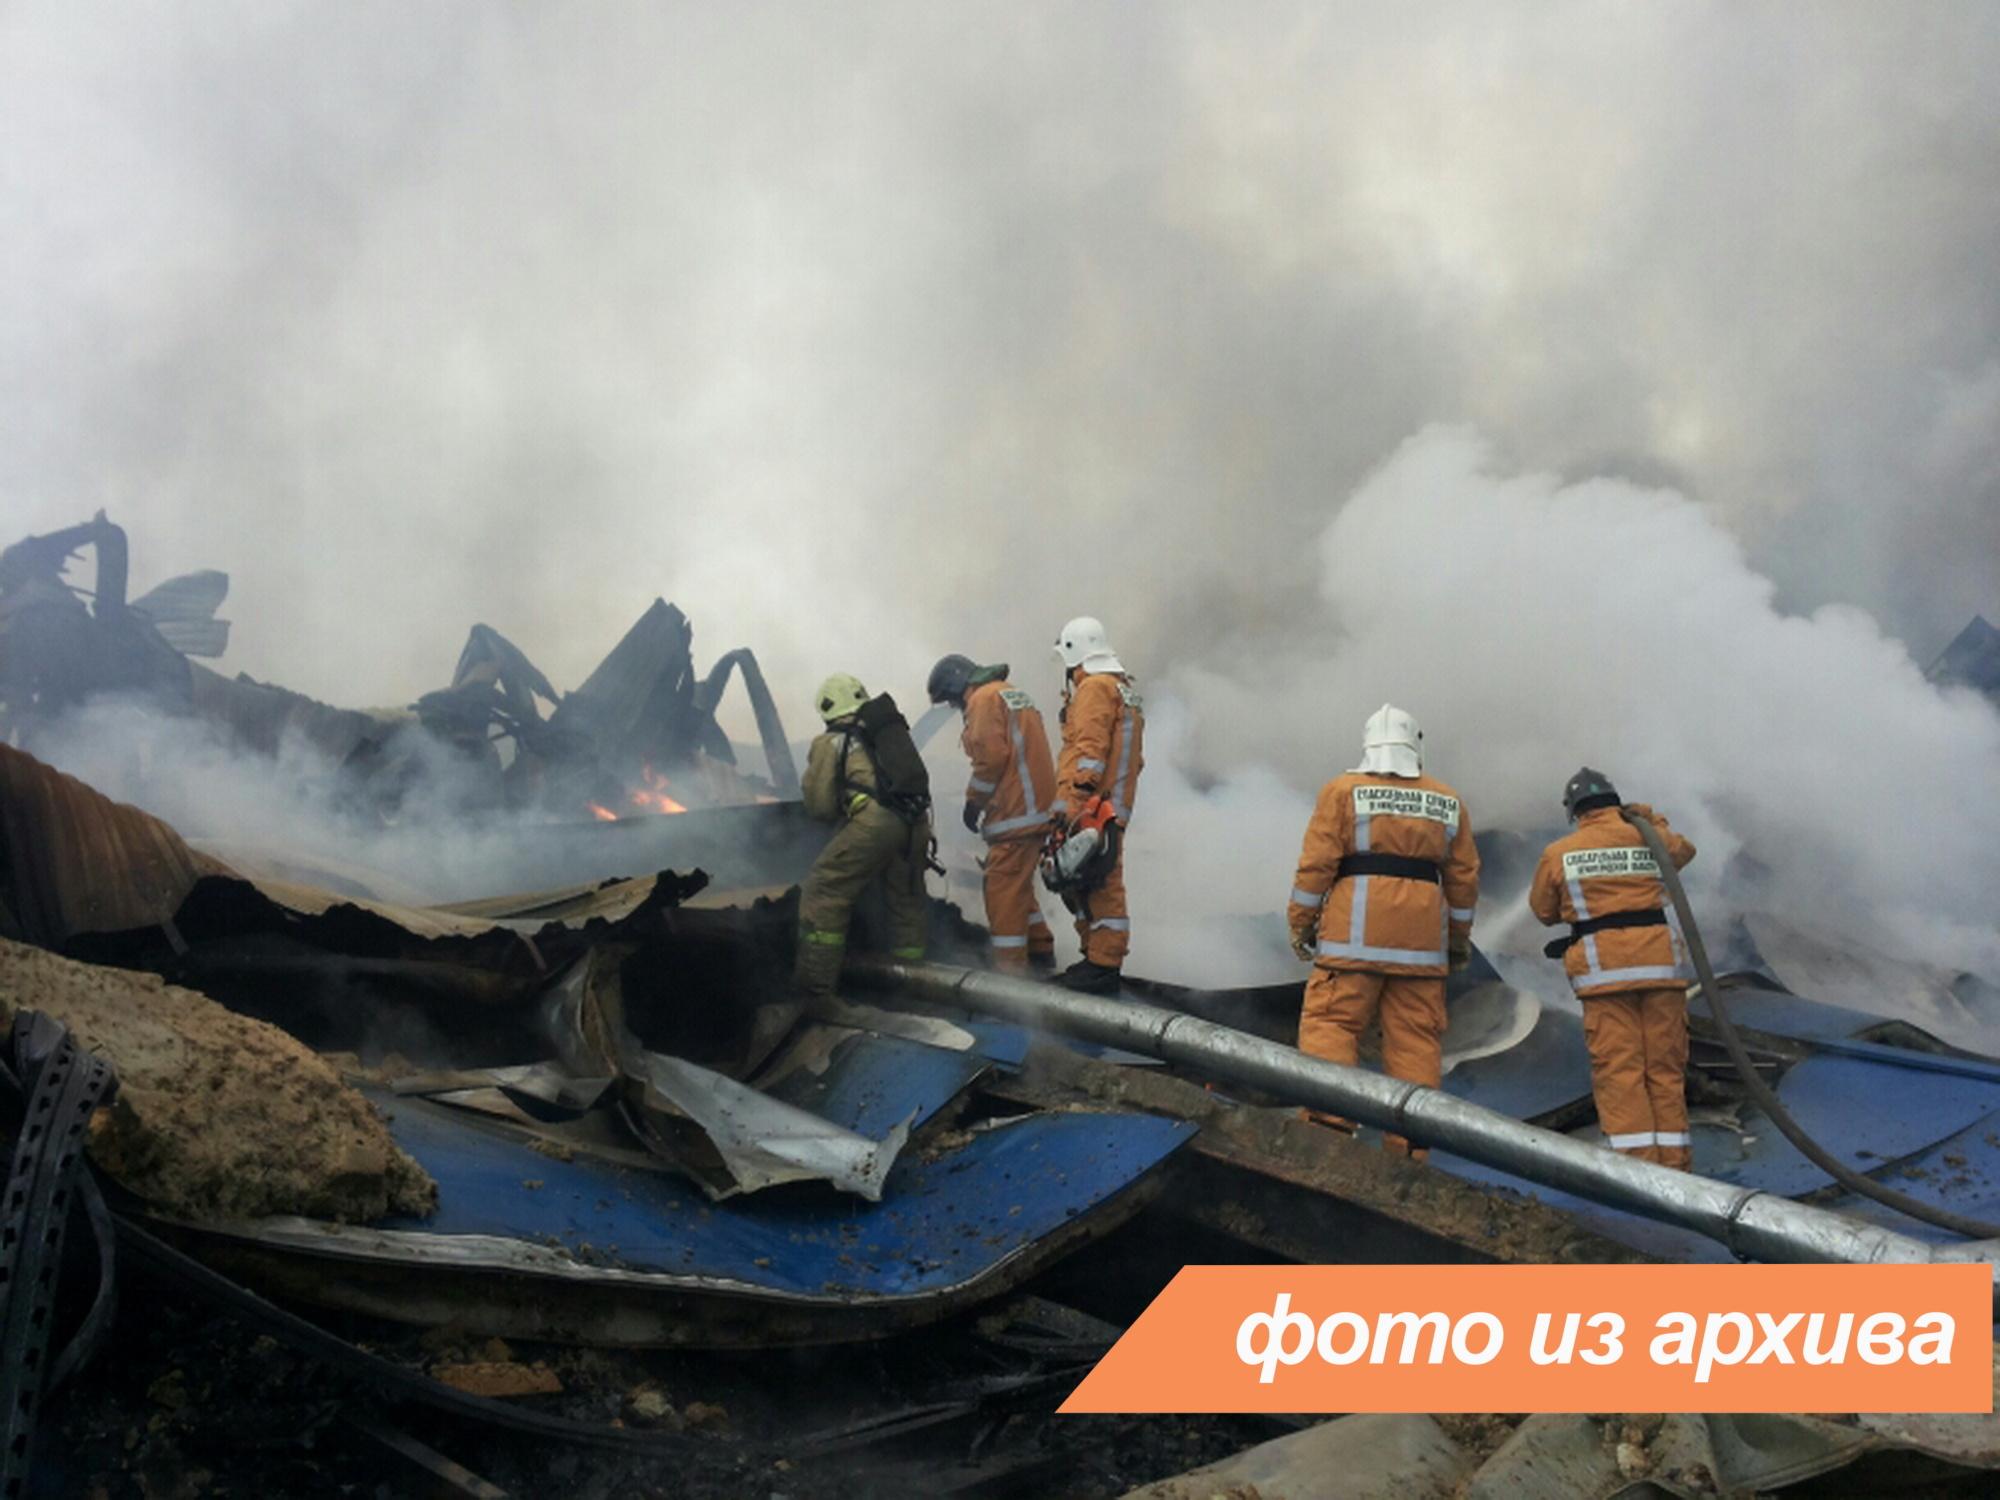 Пожарно-спасательные подразделения ликвидировали пожар в Гатчинском районе.